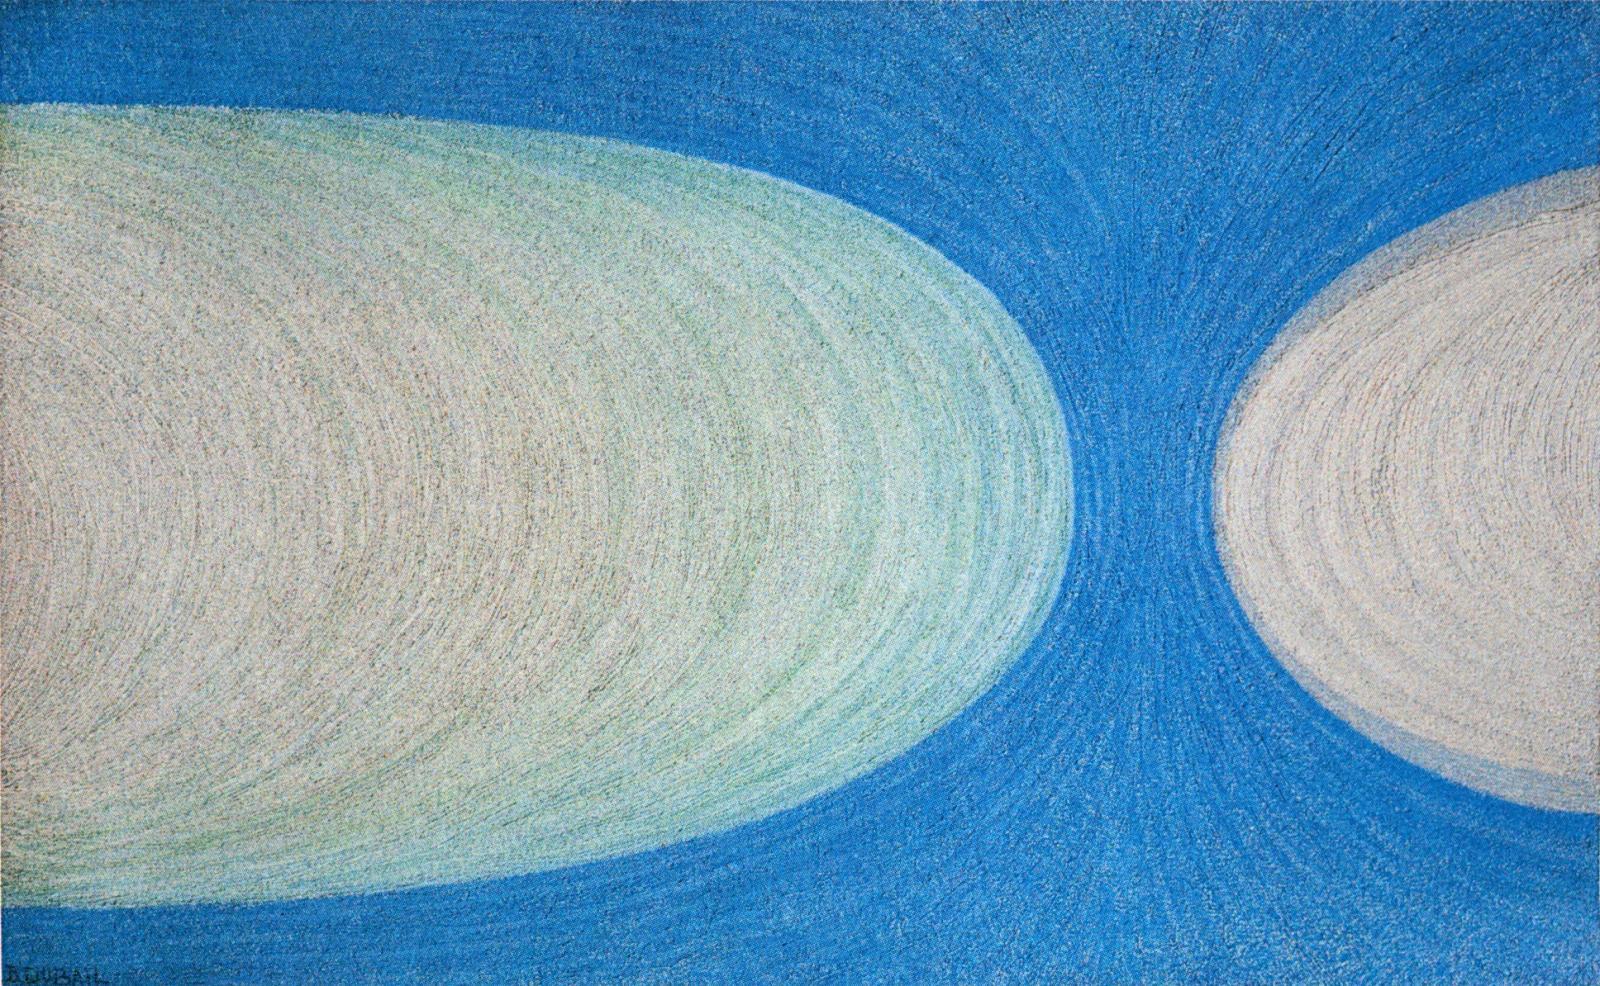 Berthe Dubail (1911-1984), Vaisseaux cosmiques, 1967, huile et sable sur toile, 73x116cm (détail).